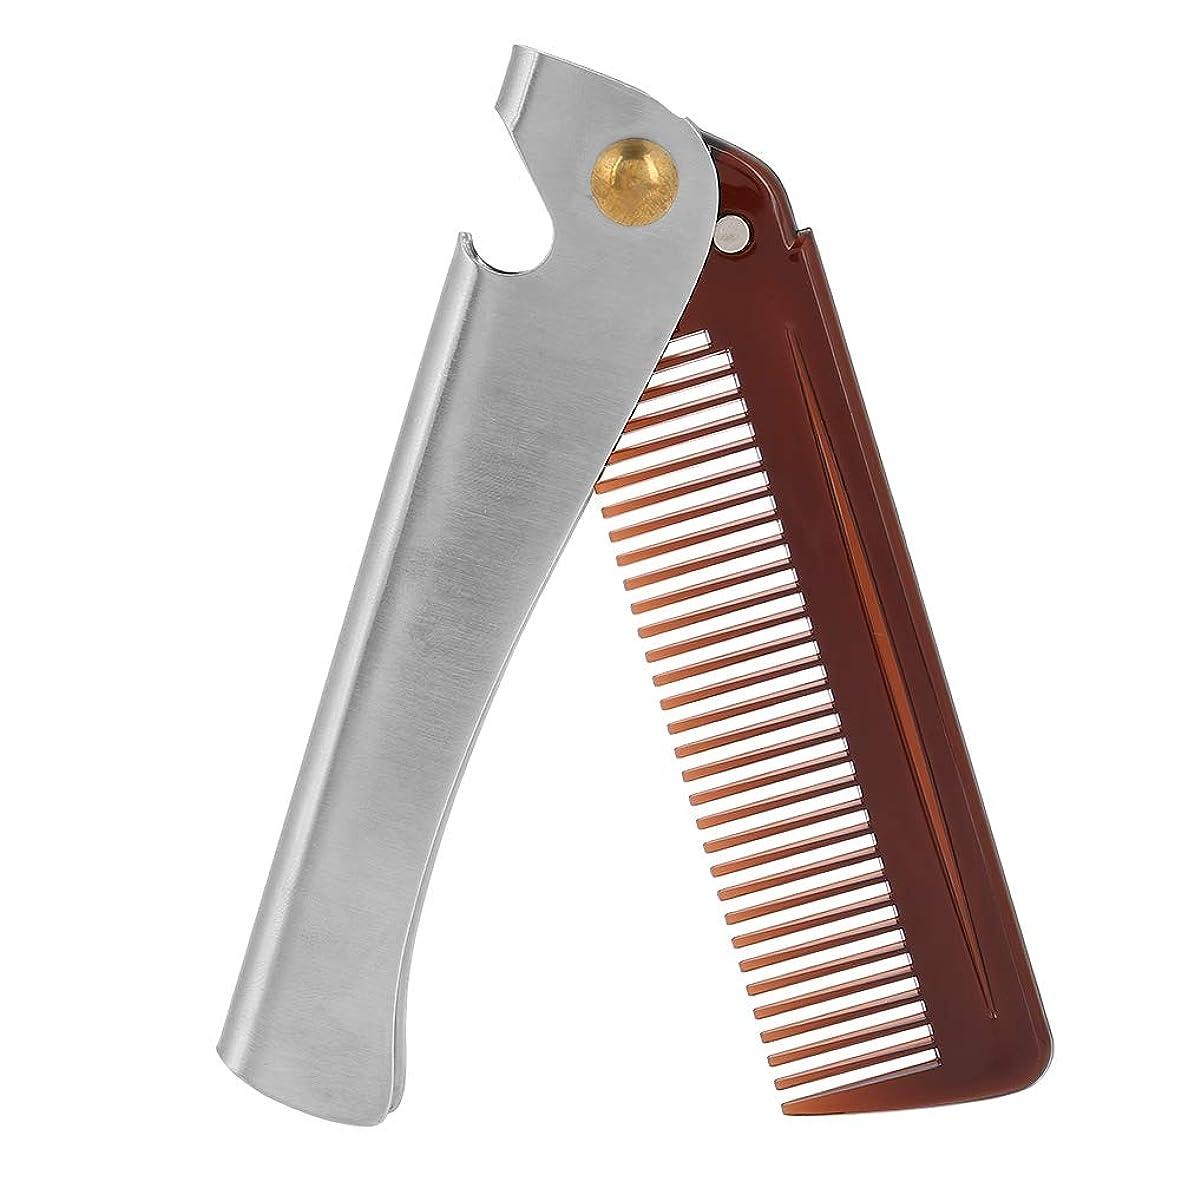 十分ですエンティティ俳句ステンレス製のひげの櫛の携帯用ステンレス製のひげの櫛の携帯用折りたたみ口ひげ用具の栓抜き